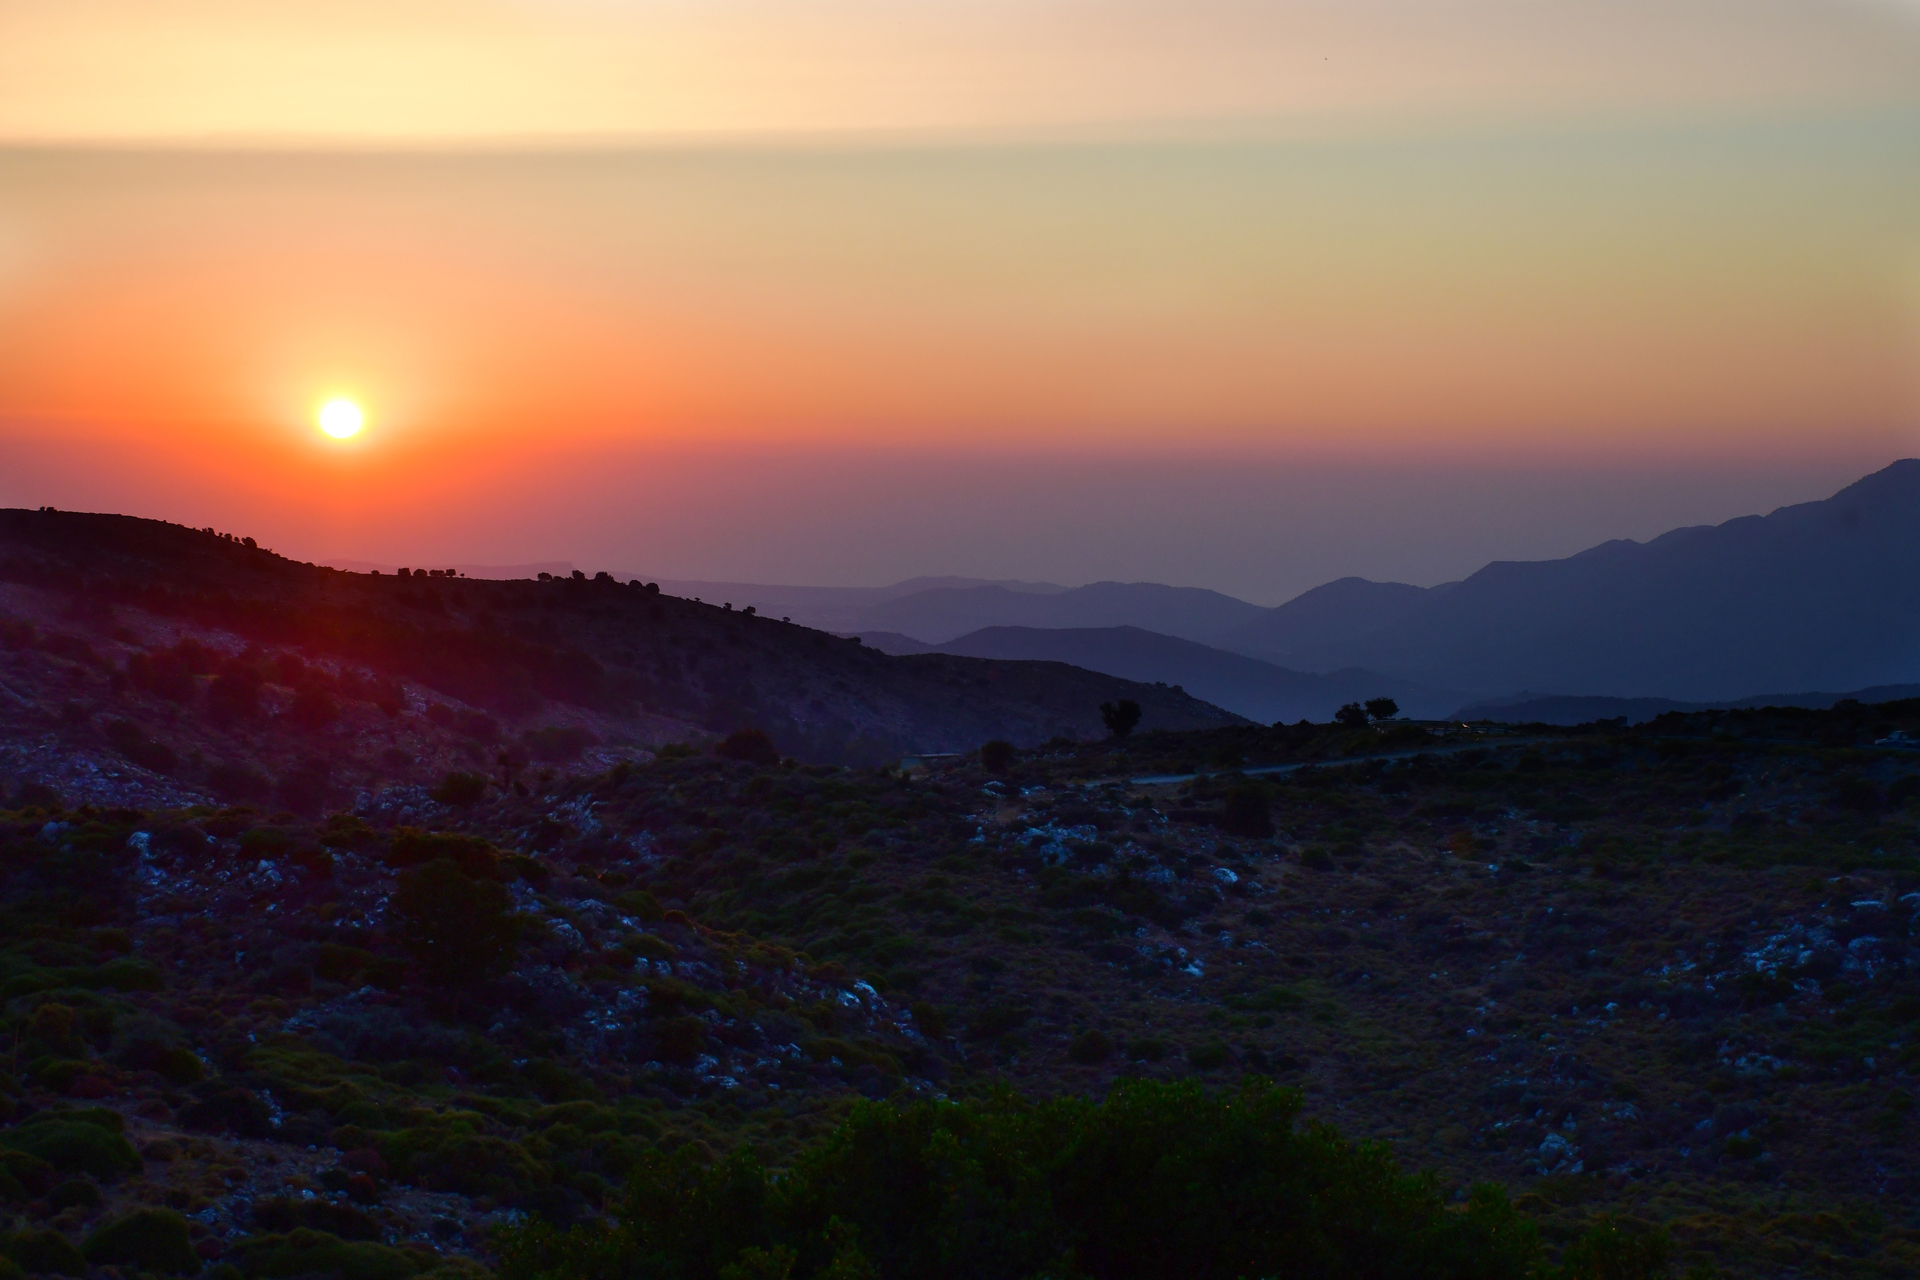 יואל שתרוג - אדמה יוצרת - כרתים - יוון על פי זורבה - yoel sitruk